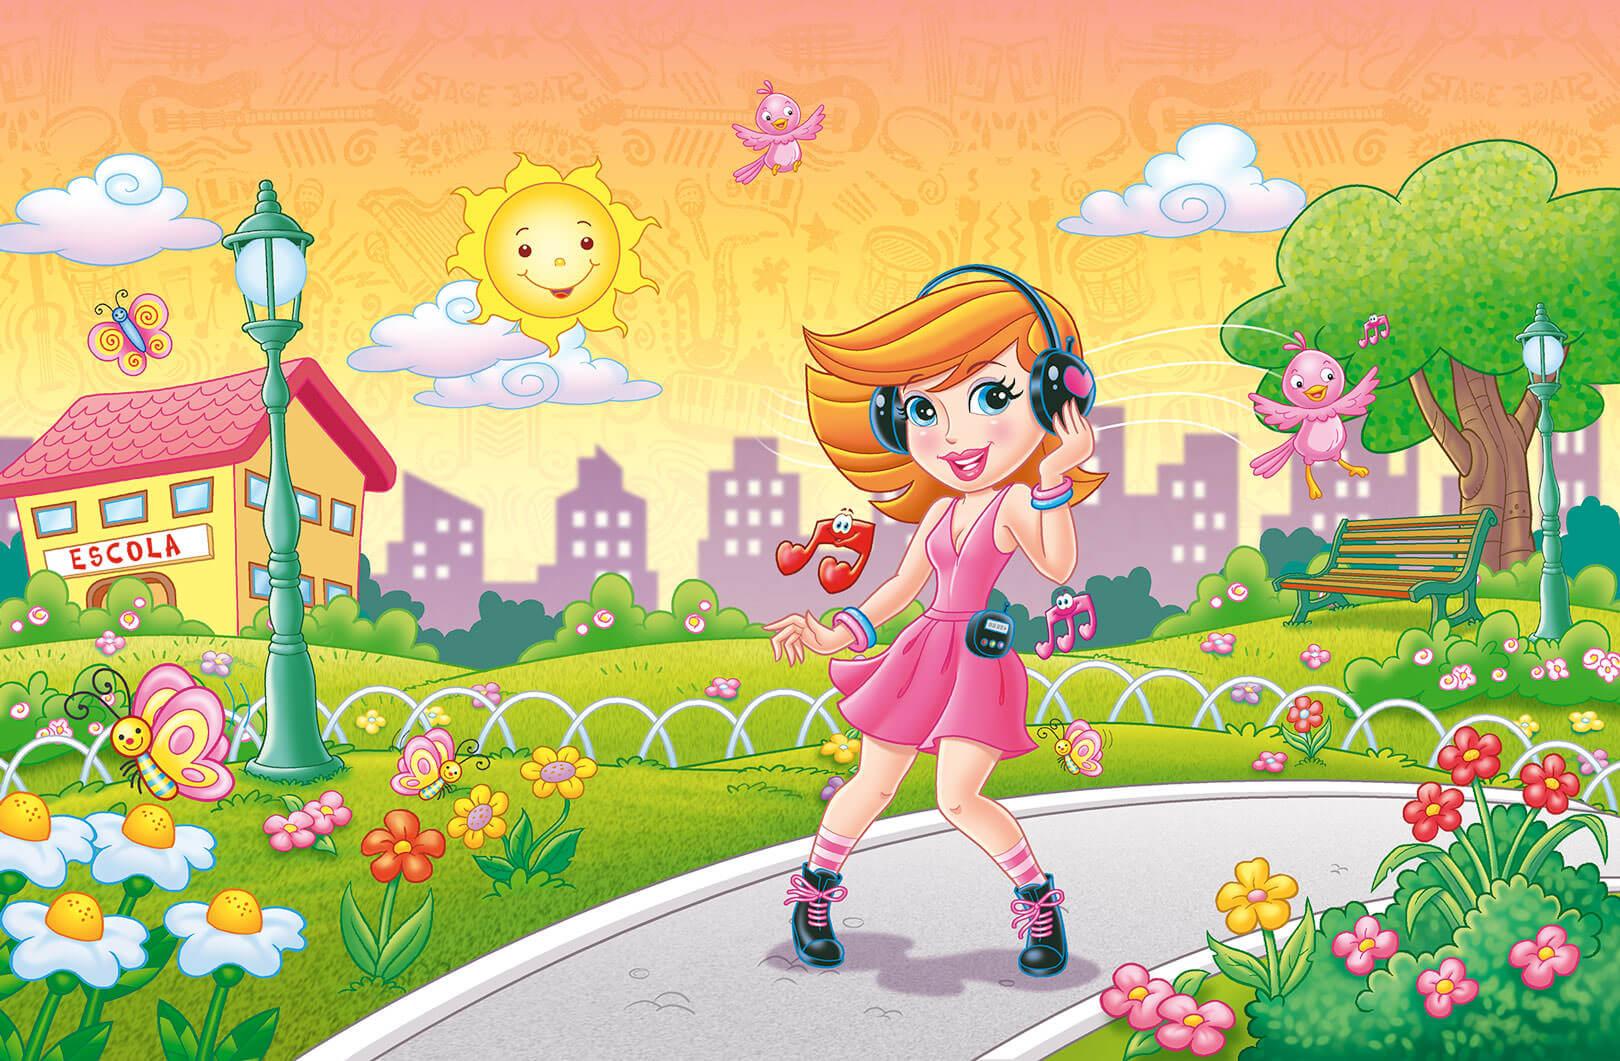 Ilustração Embalagem Drika Alegria